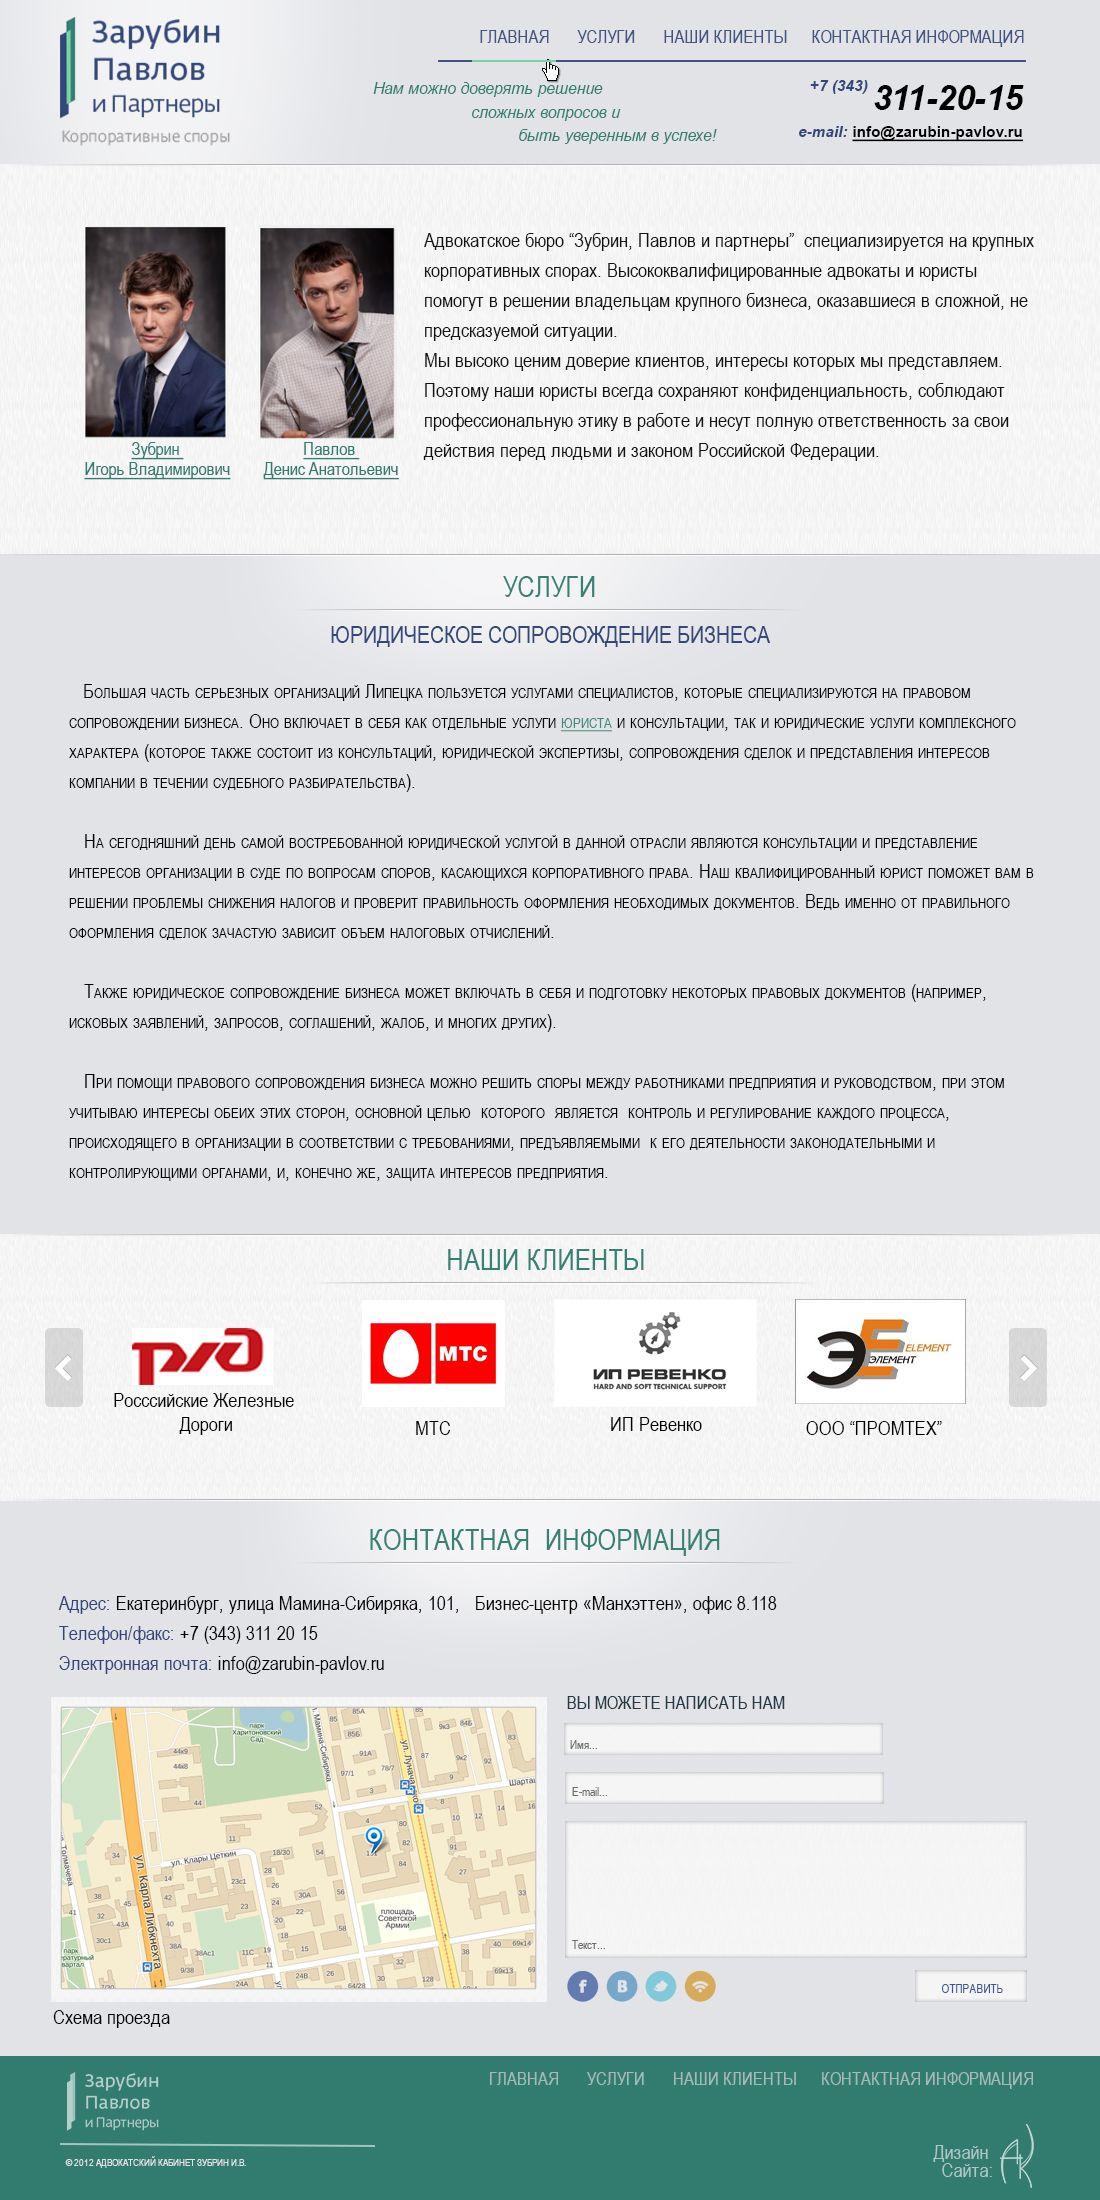 Дизайн сайта для адвокатского бюро. - дизайнер I_Nyutka